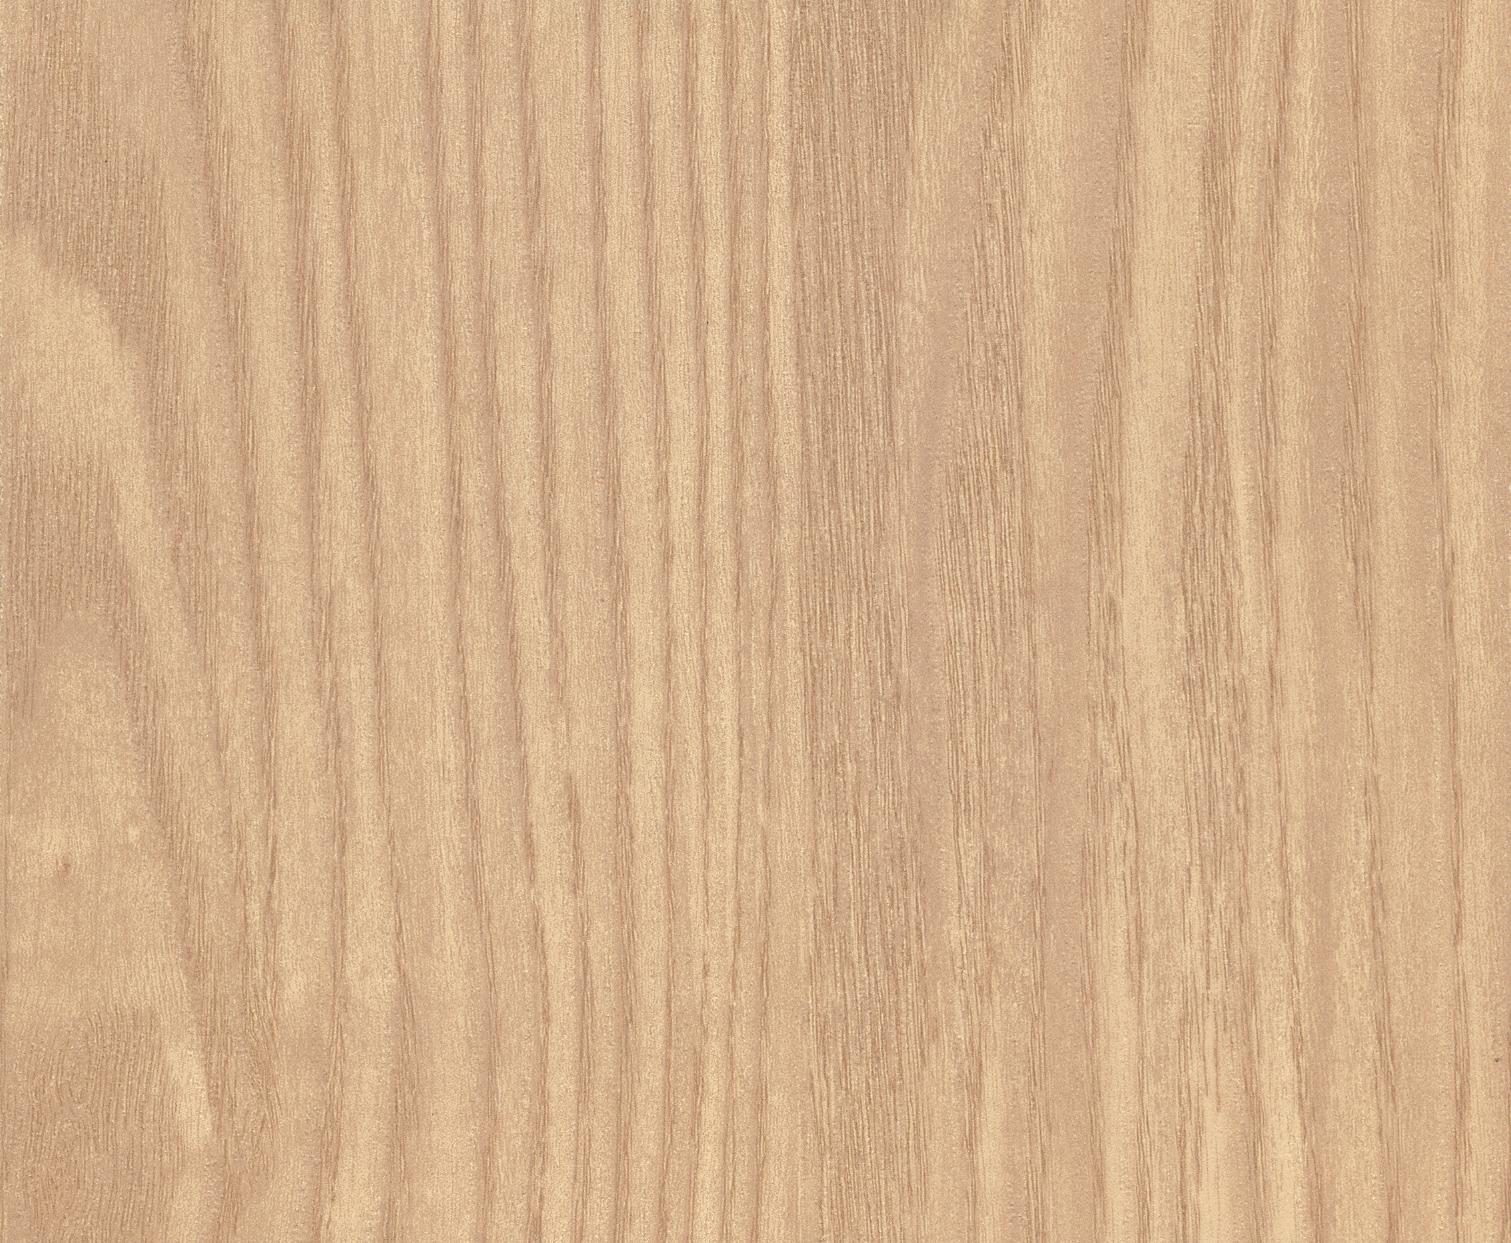 Textura de Madeira em MDF Fresno Claro Download grátis UNITYBR  #956736 1511x1243